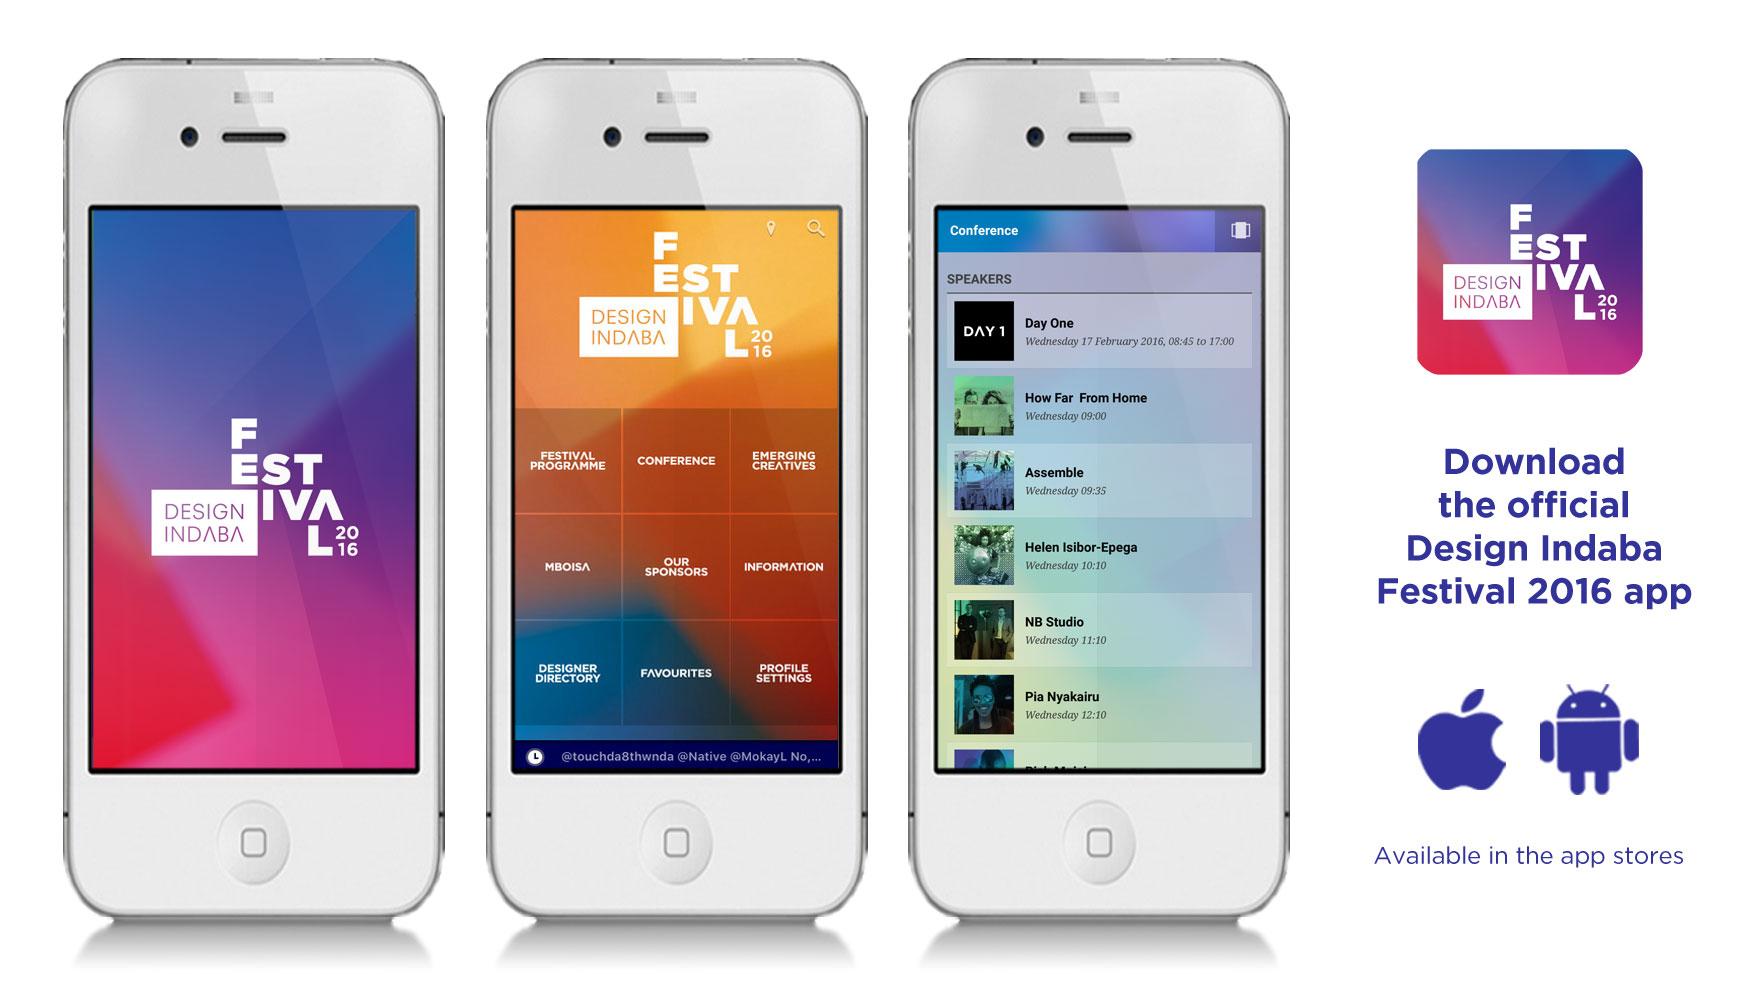 Design indaba festival app design indaba for Home addition design app